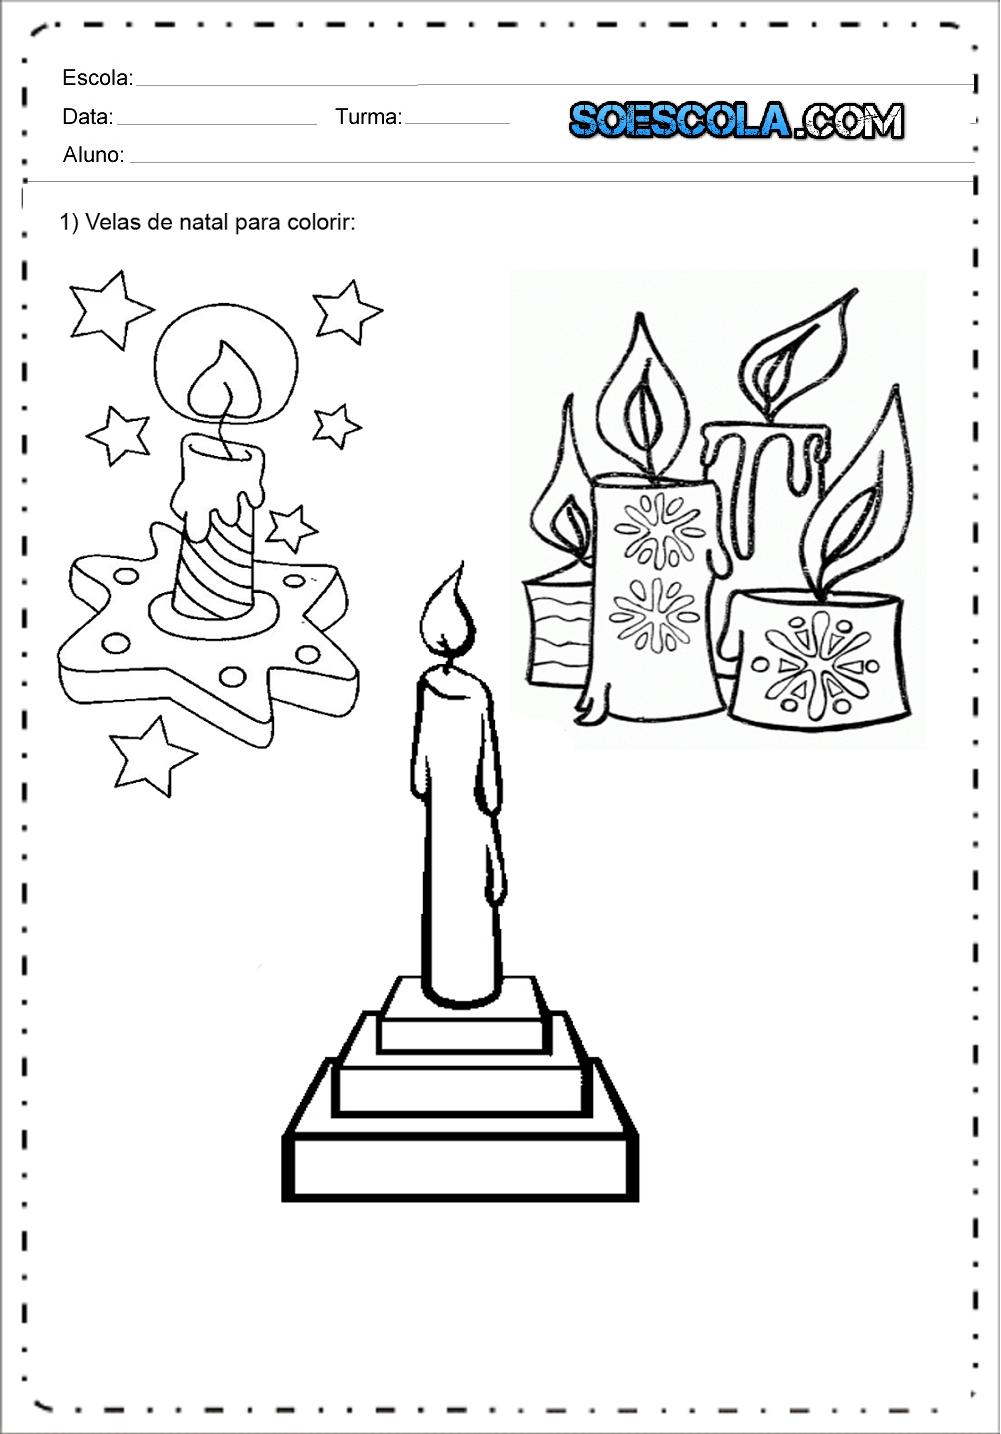 Desenhos De Velas De Natal Para Colorir E Imprimir Desenhos